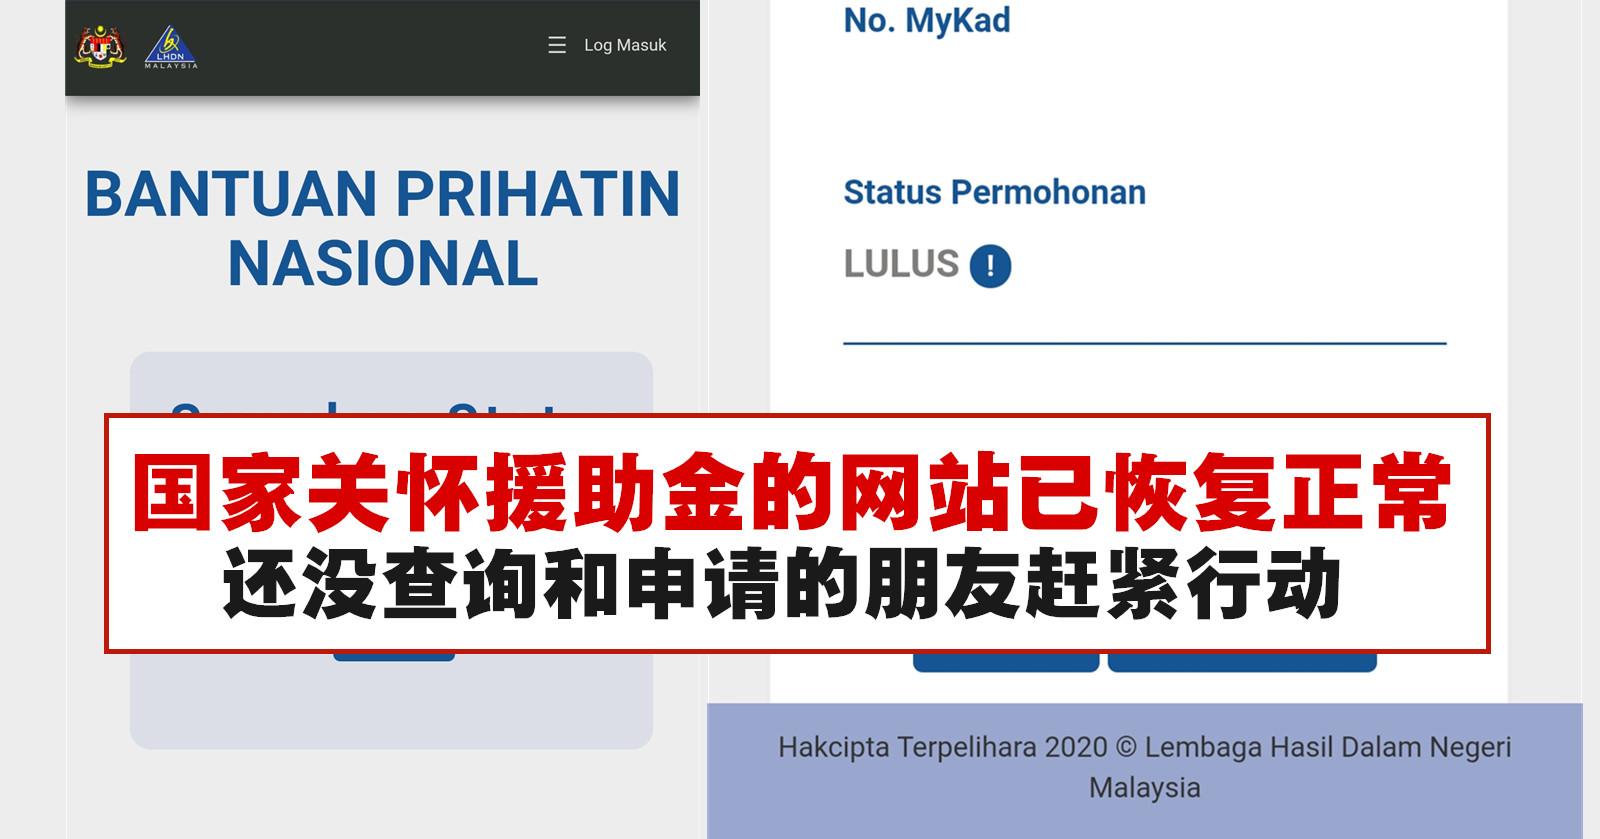 国家关怀援助金的网站已恢复正常,还没查询和申请的朋友赶紧行动